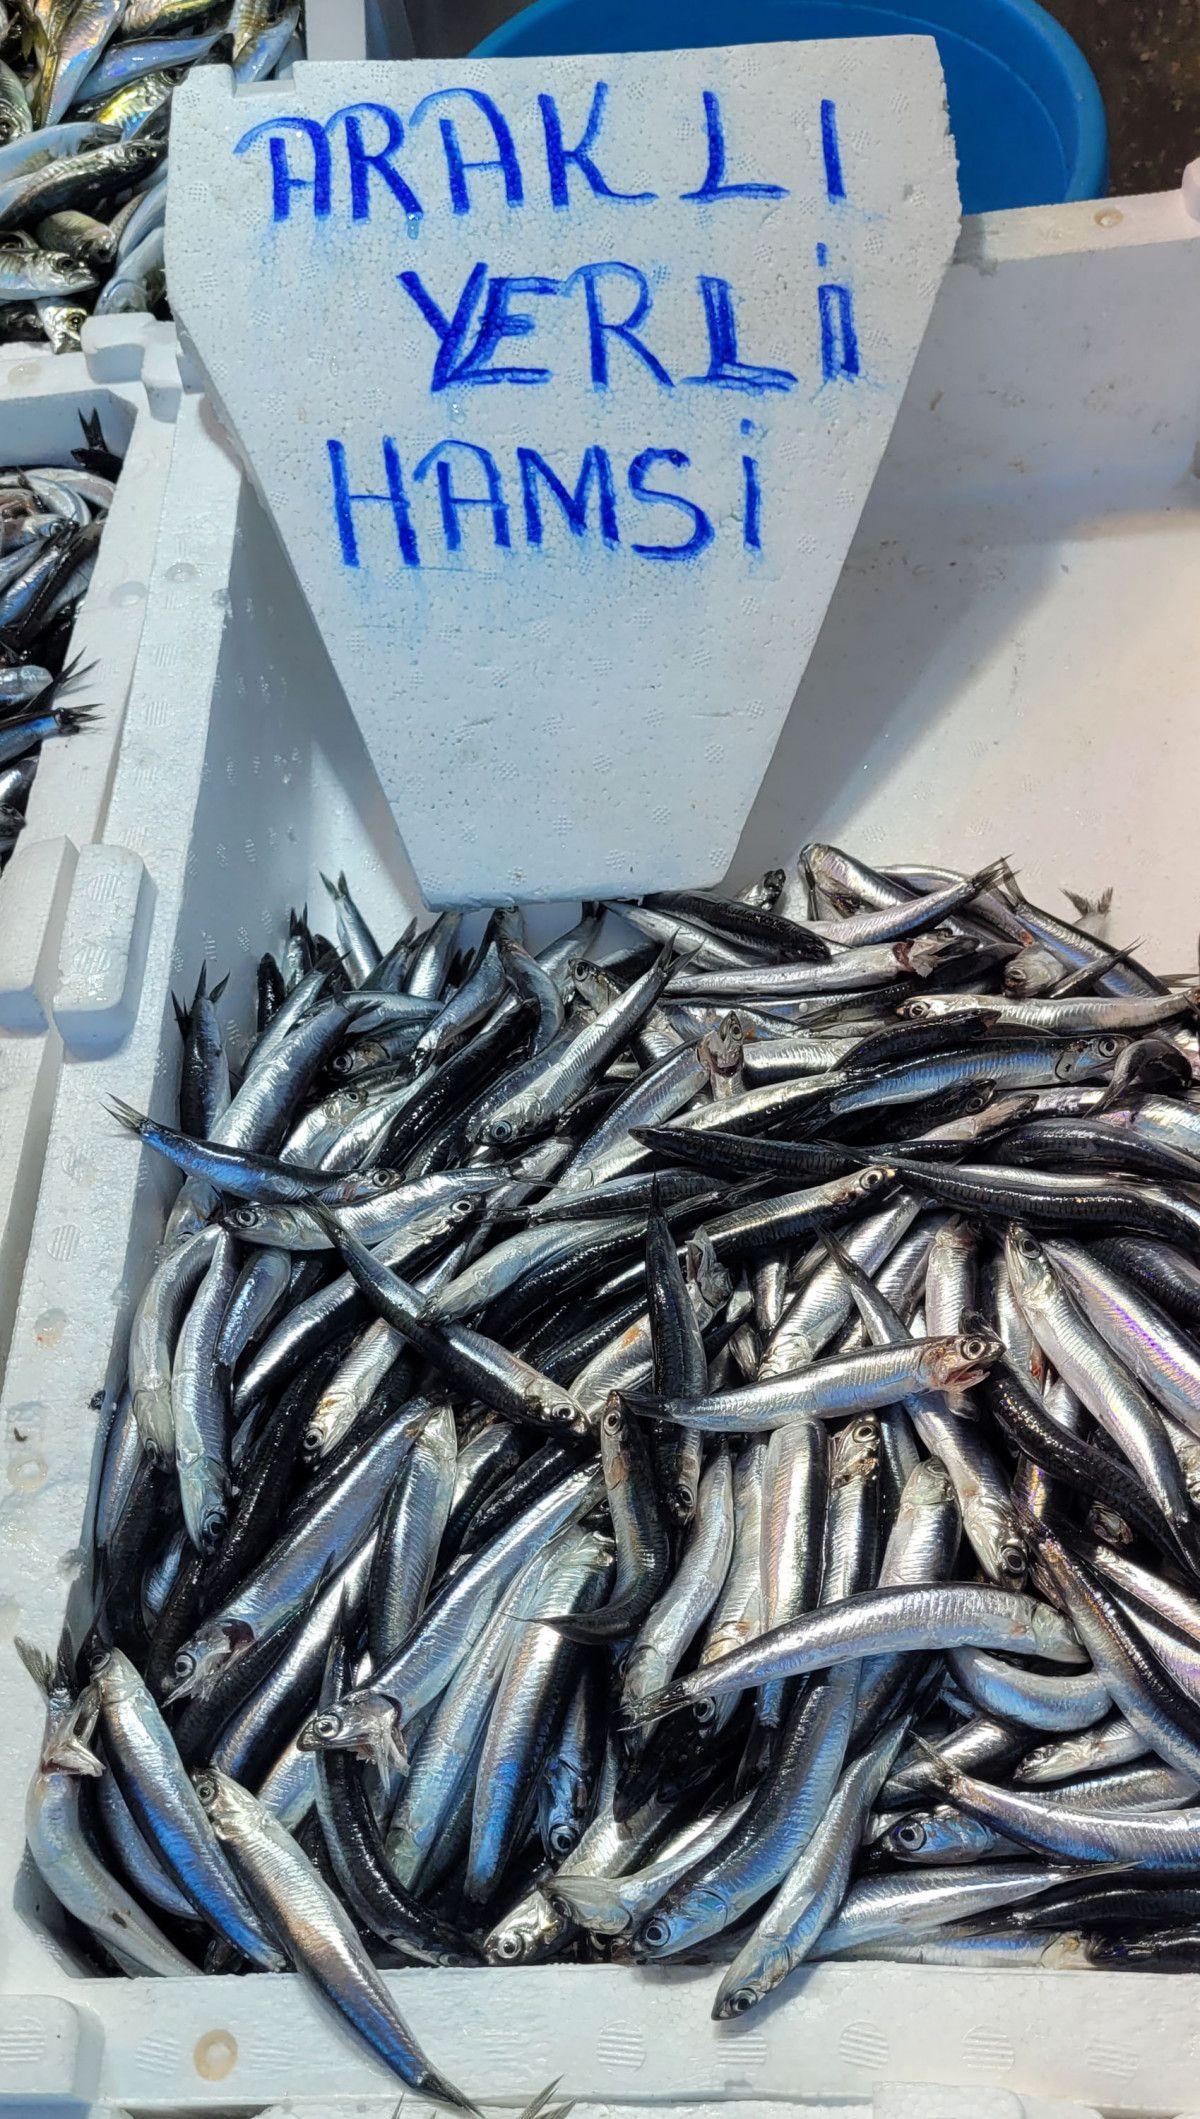 Trabzon da denizlerde ağlara hamsi takılmayınca fiyatlar yükseldi #9